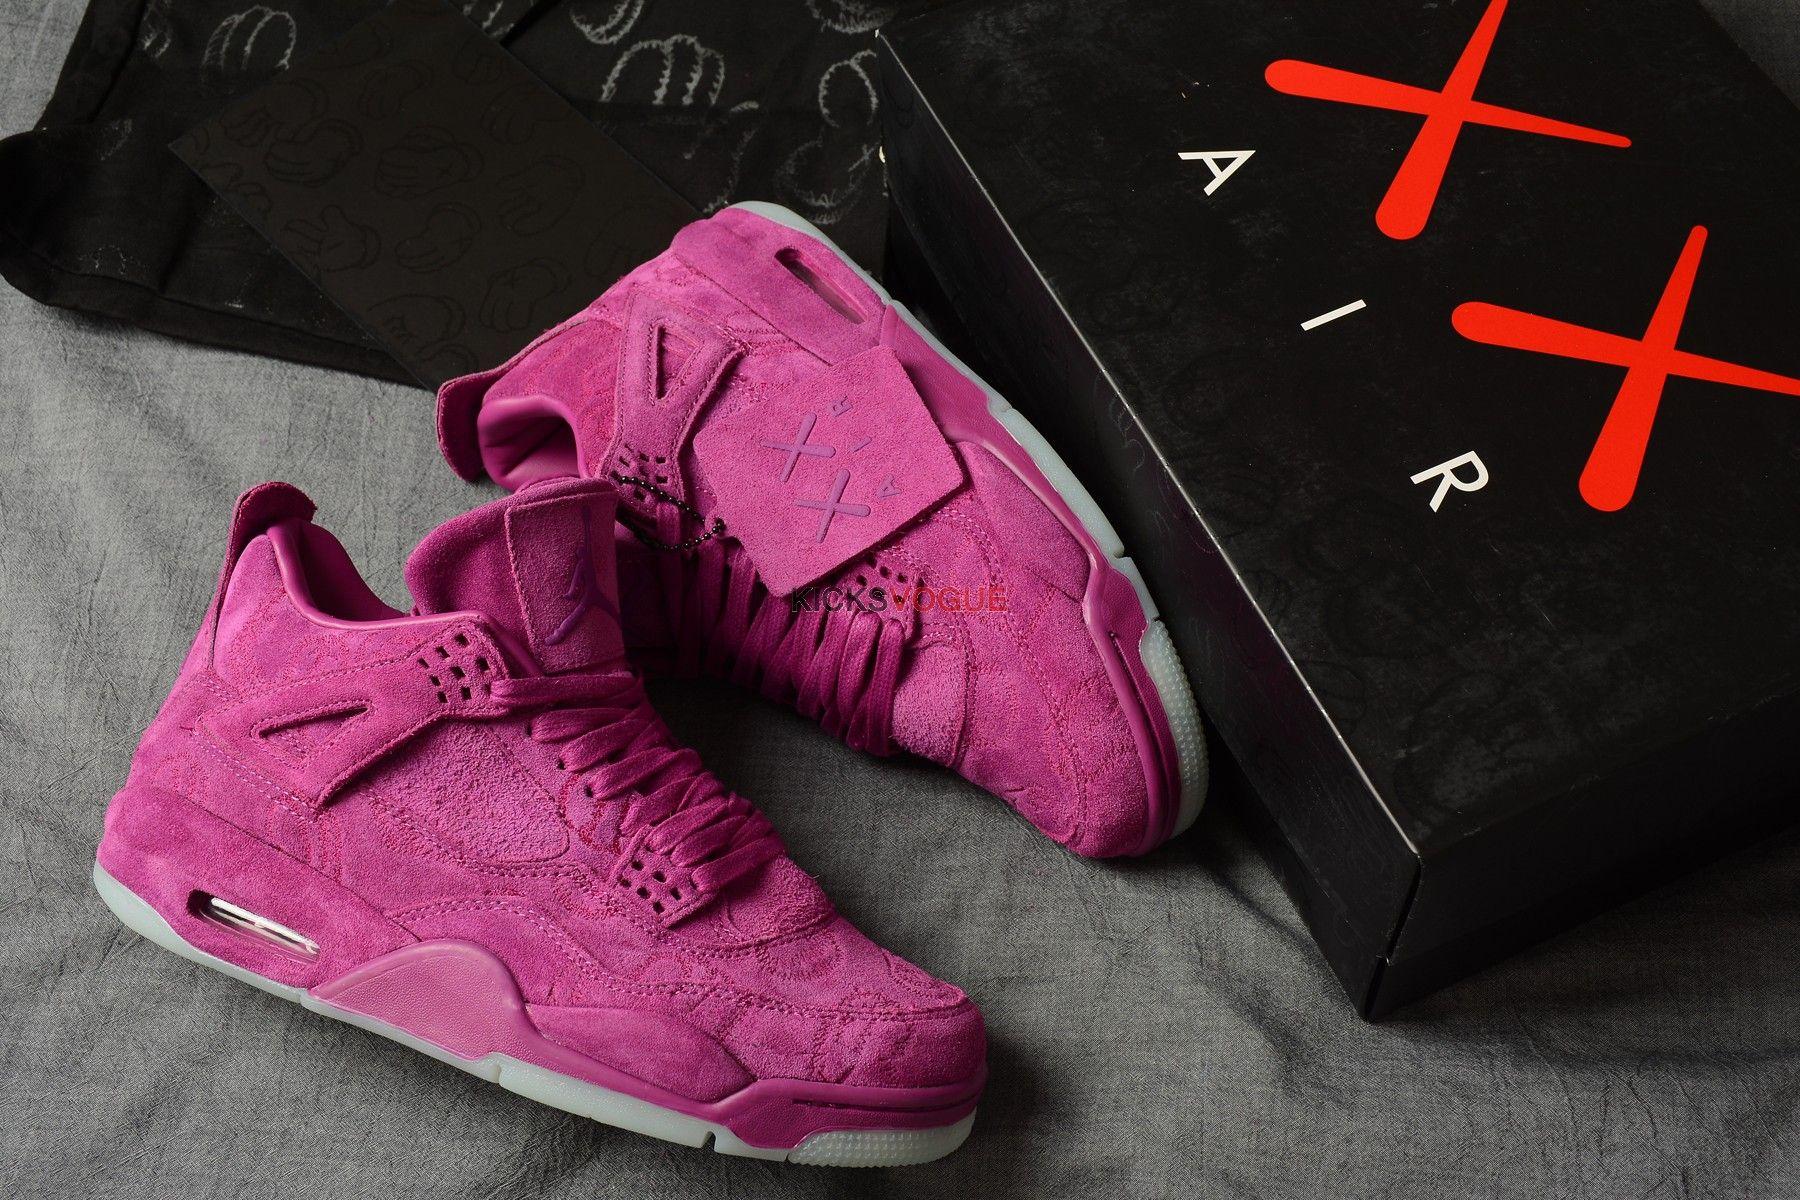 299c70f43e64 KAWS x Air Jordan 4 Violet 930155-027